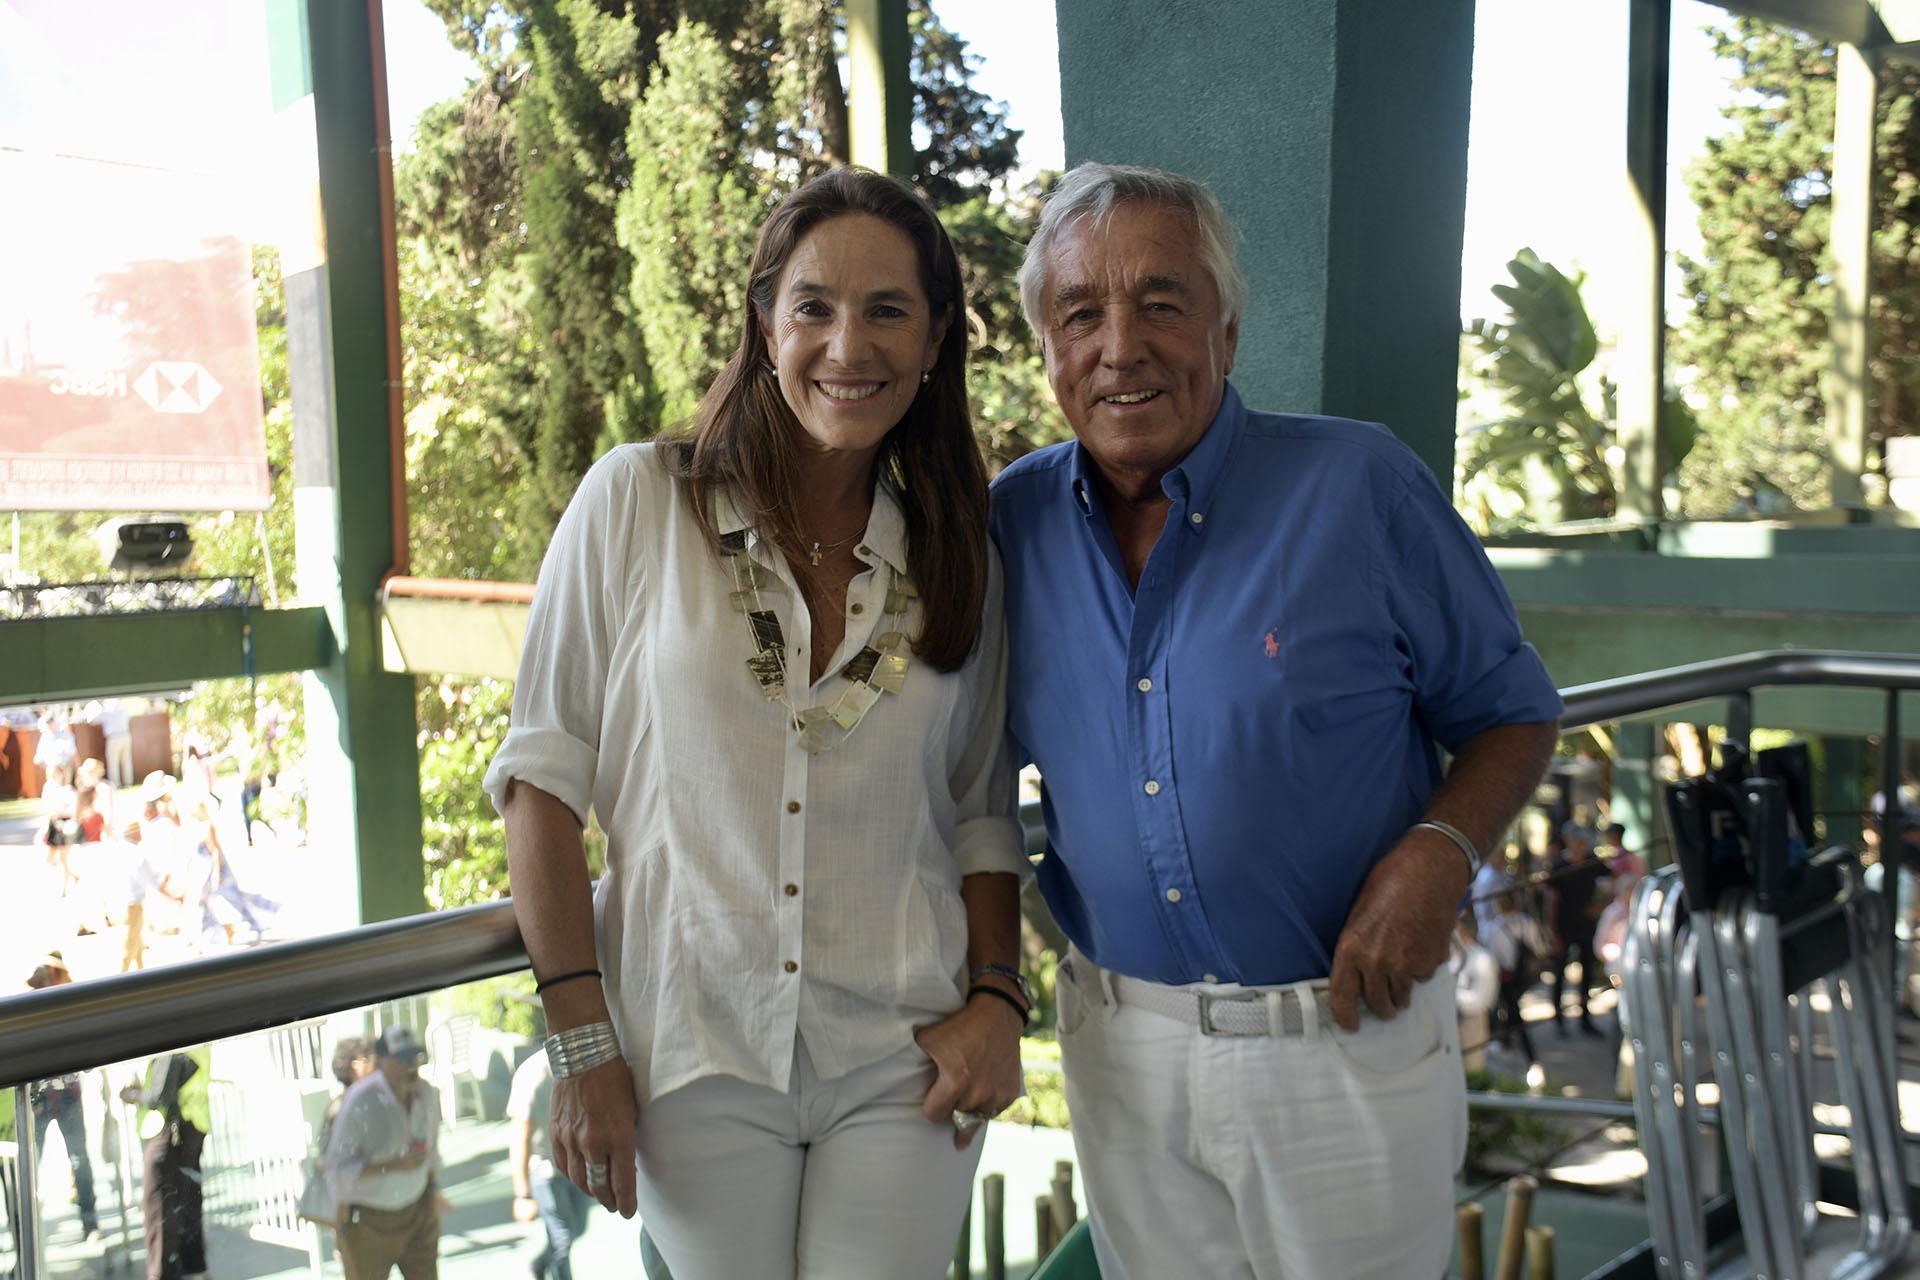 El presidente del Gruppo Modena, Julio De Marco, y su pareja Majo Martínez de Sanzo